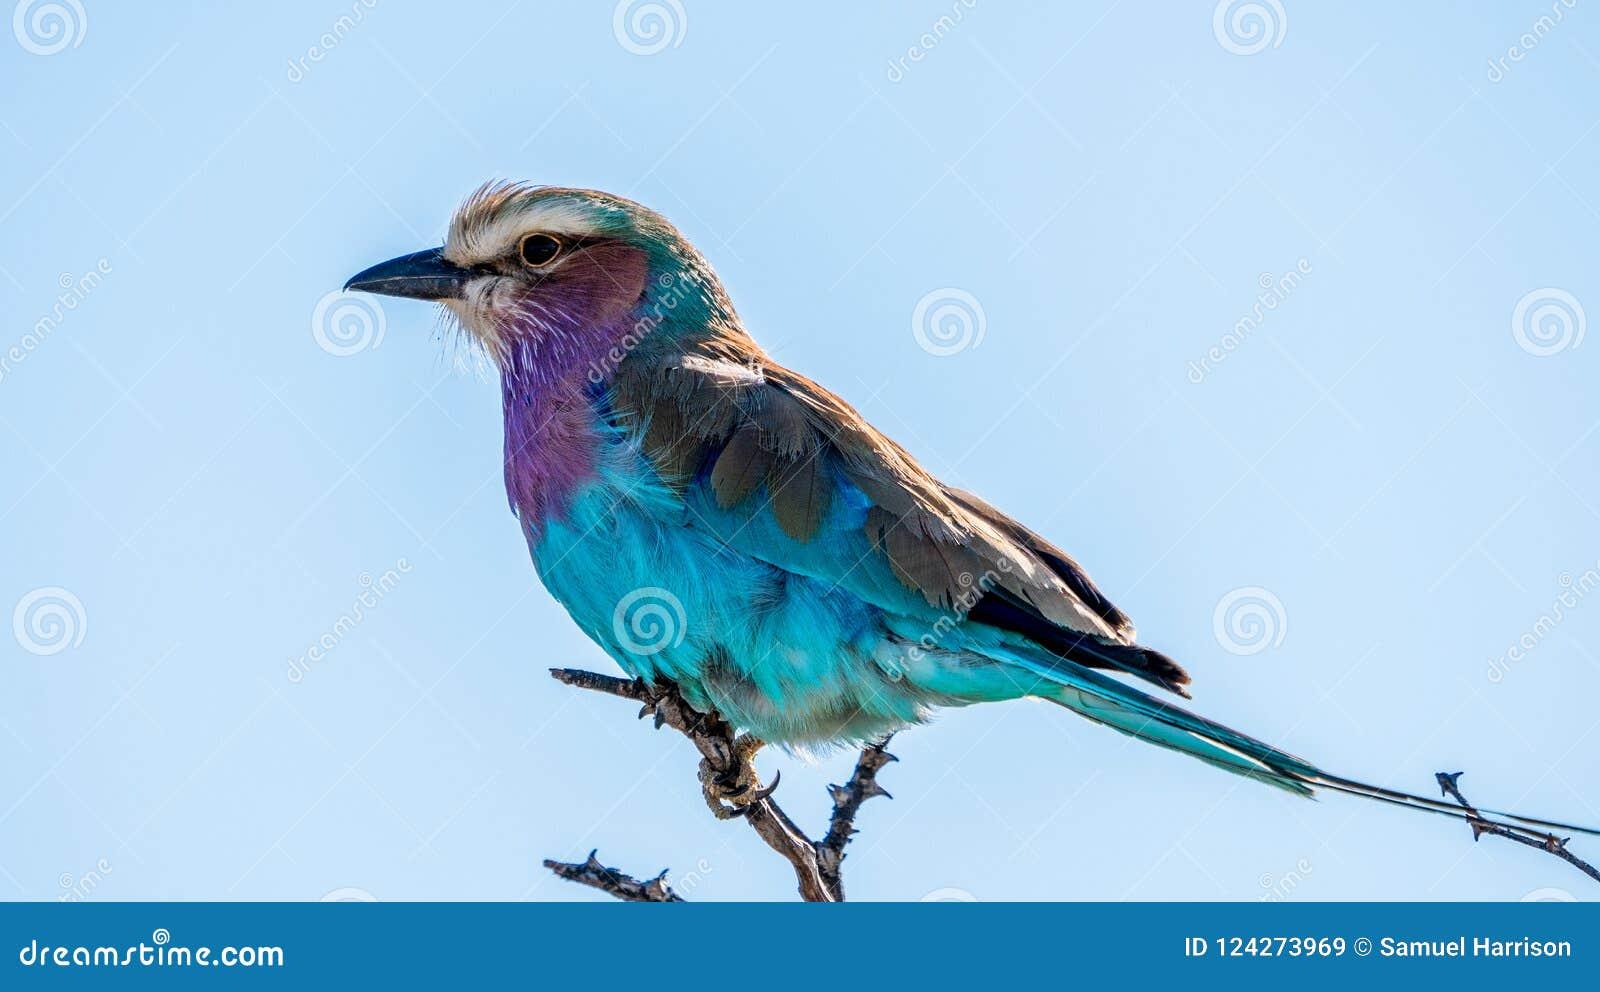 Η πασχαλιά ο κύλινδρος, ένα αφρικανικό πουλί με πολλά φωτεινά φτερά